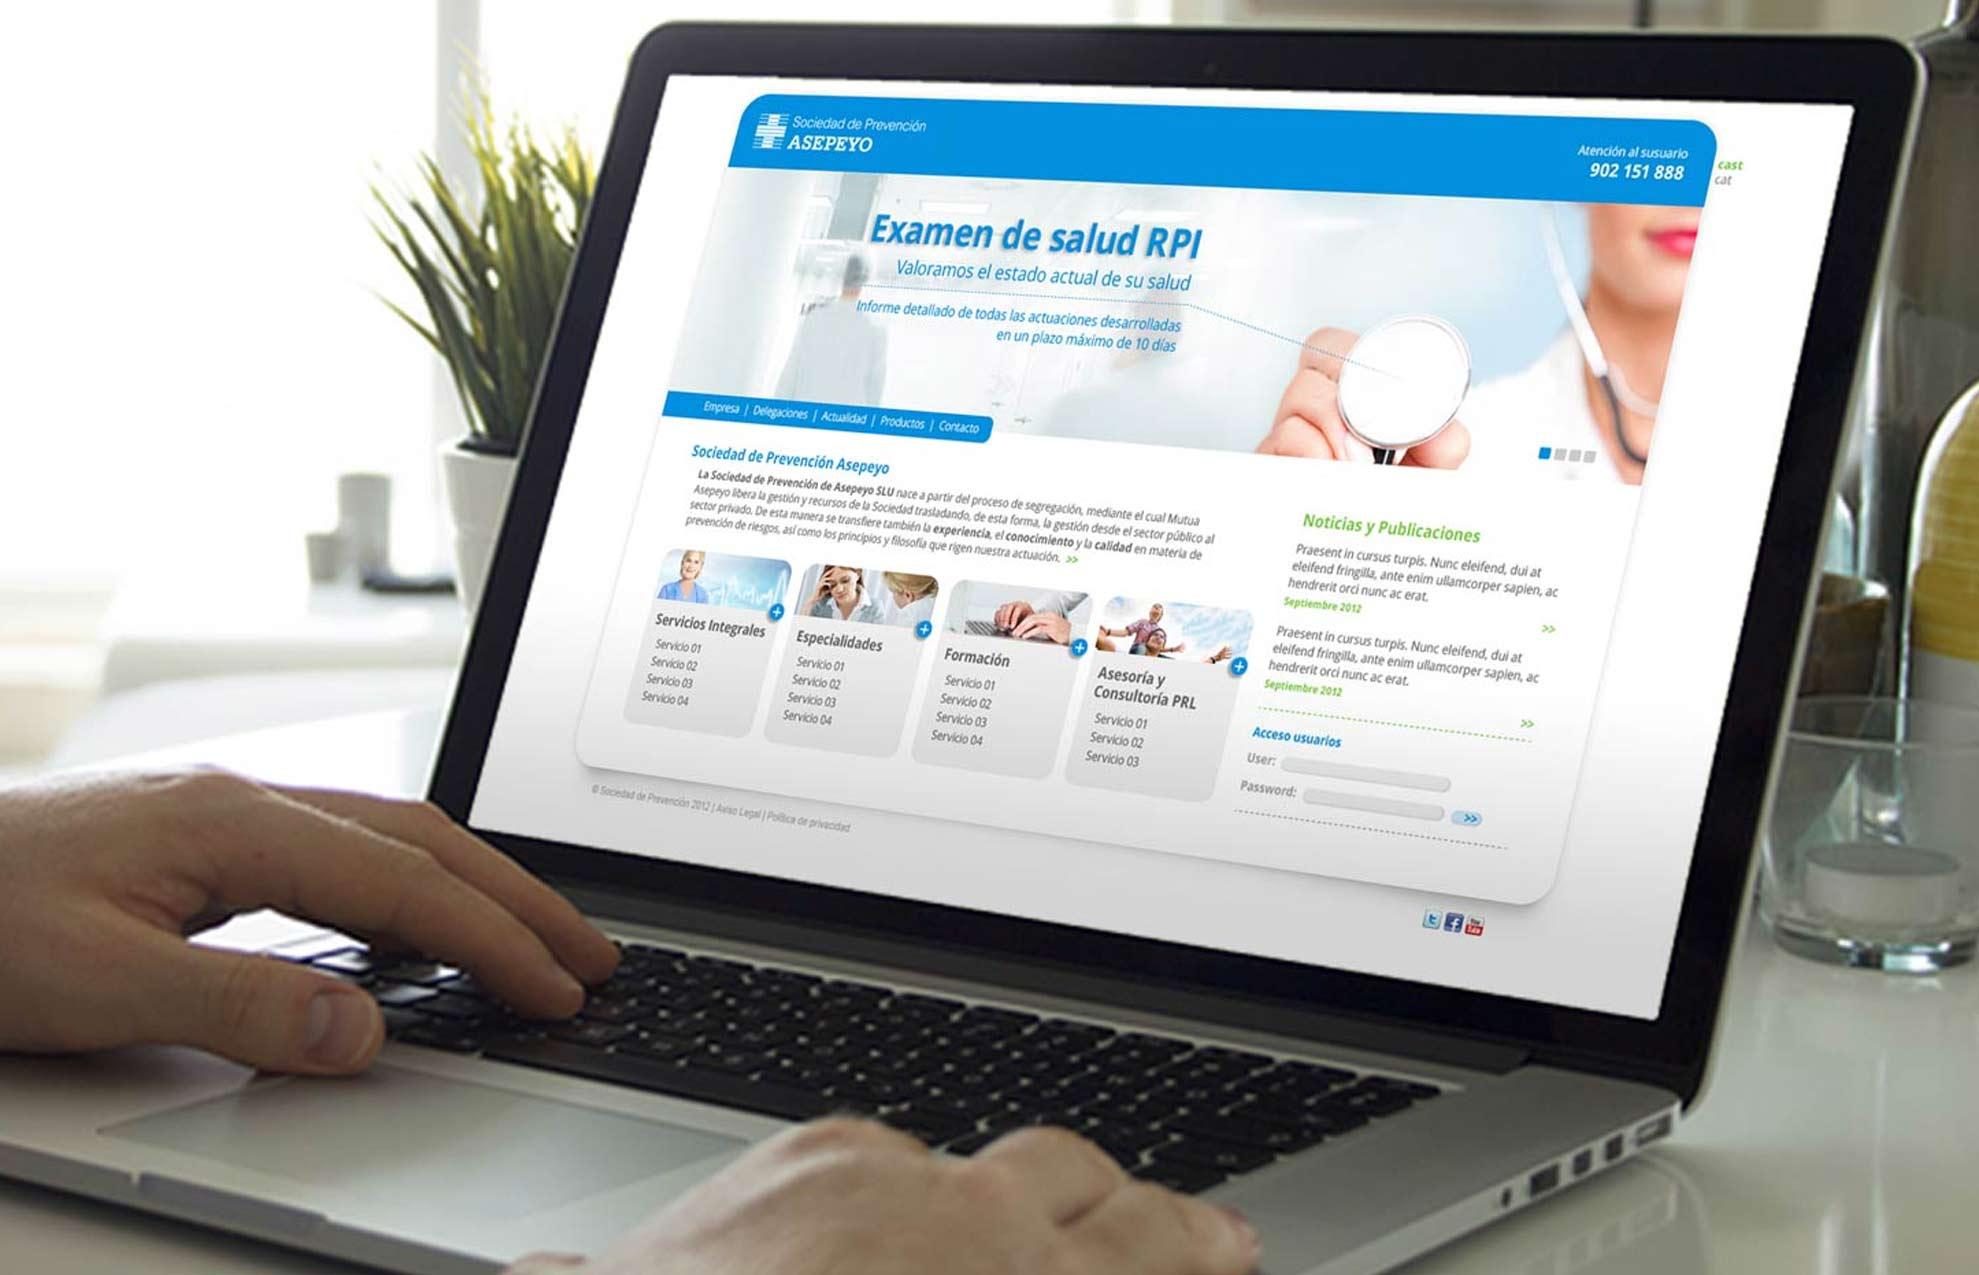 diseno marketing online farmacia - Las claves del marketing farmacéutico para el CMO